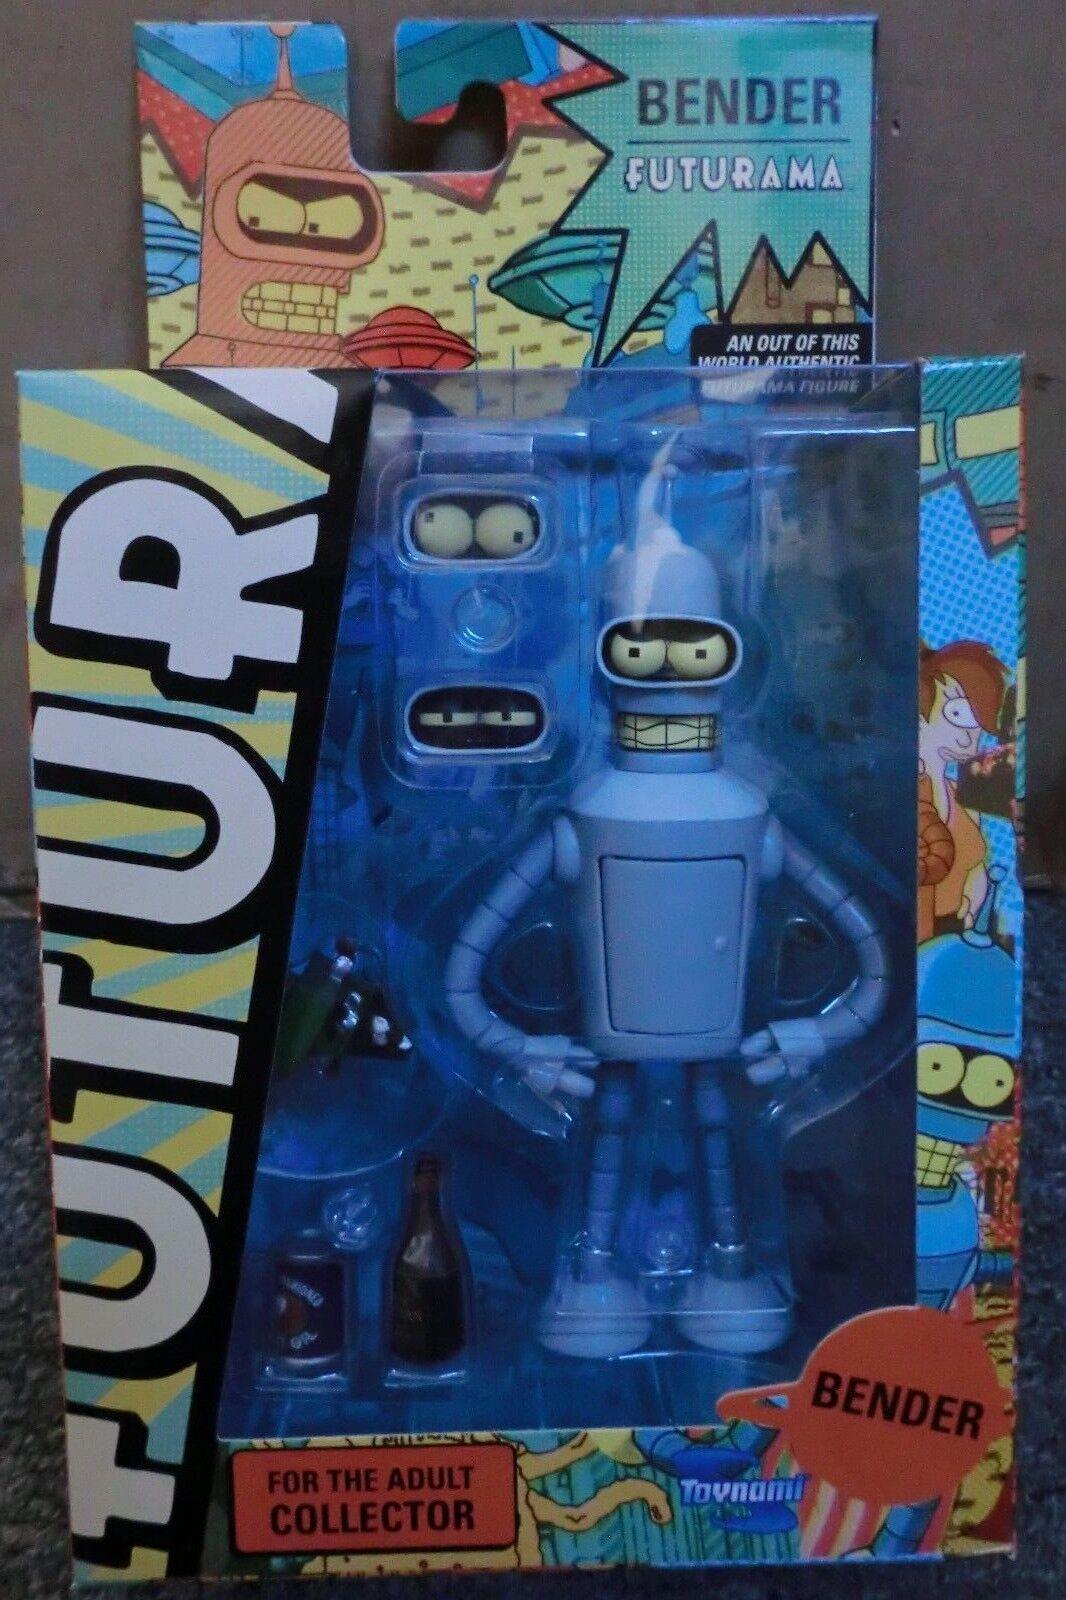 Toynami futurama 2011 zugabe roboter bender neue versiegelt